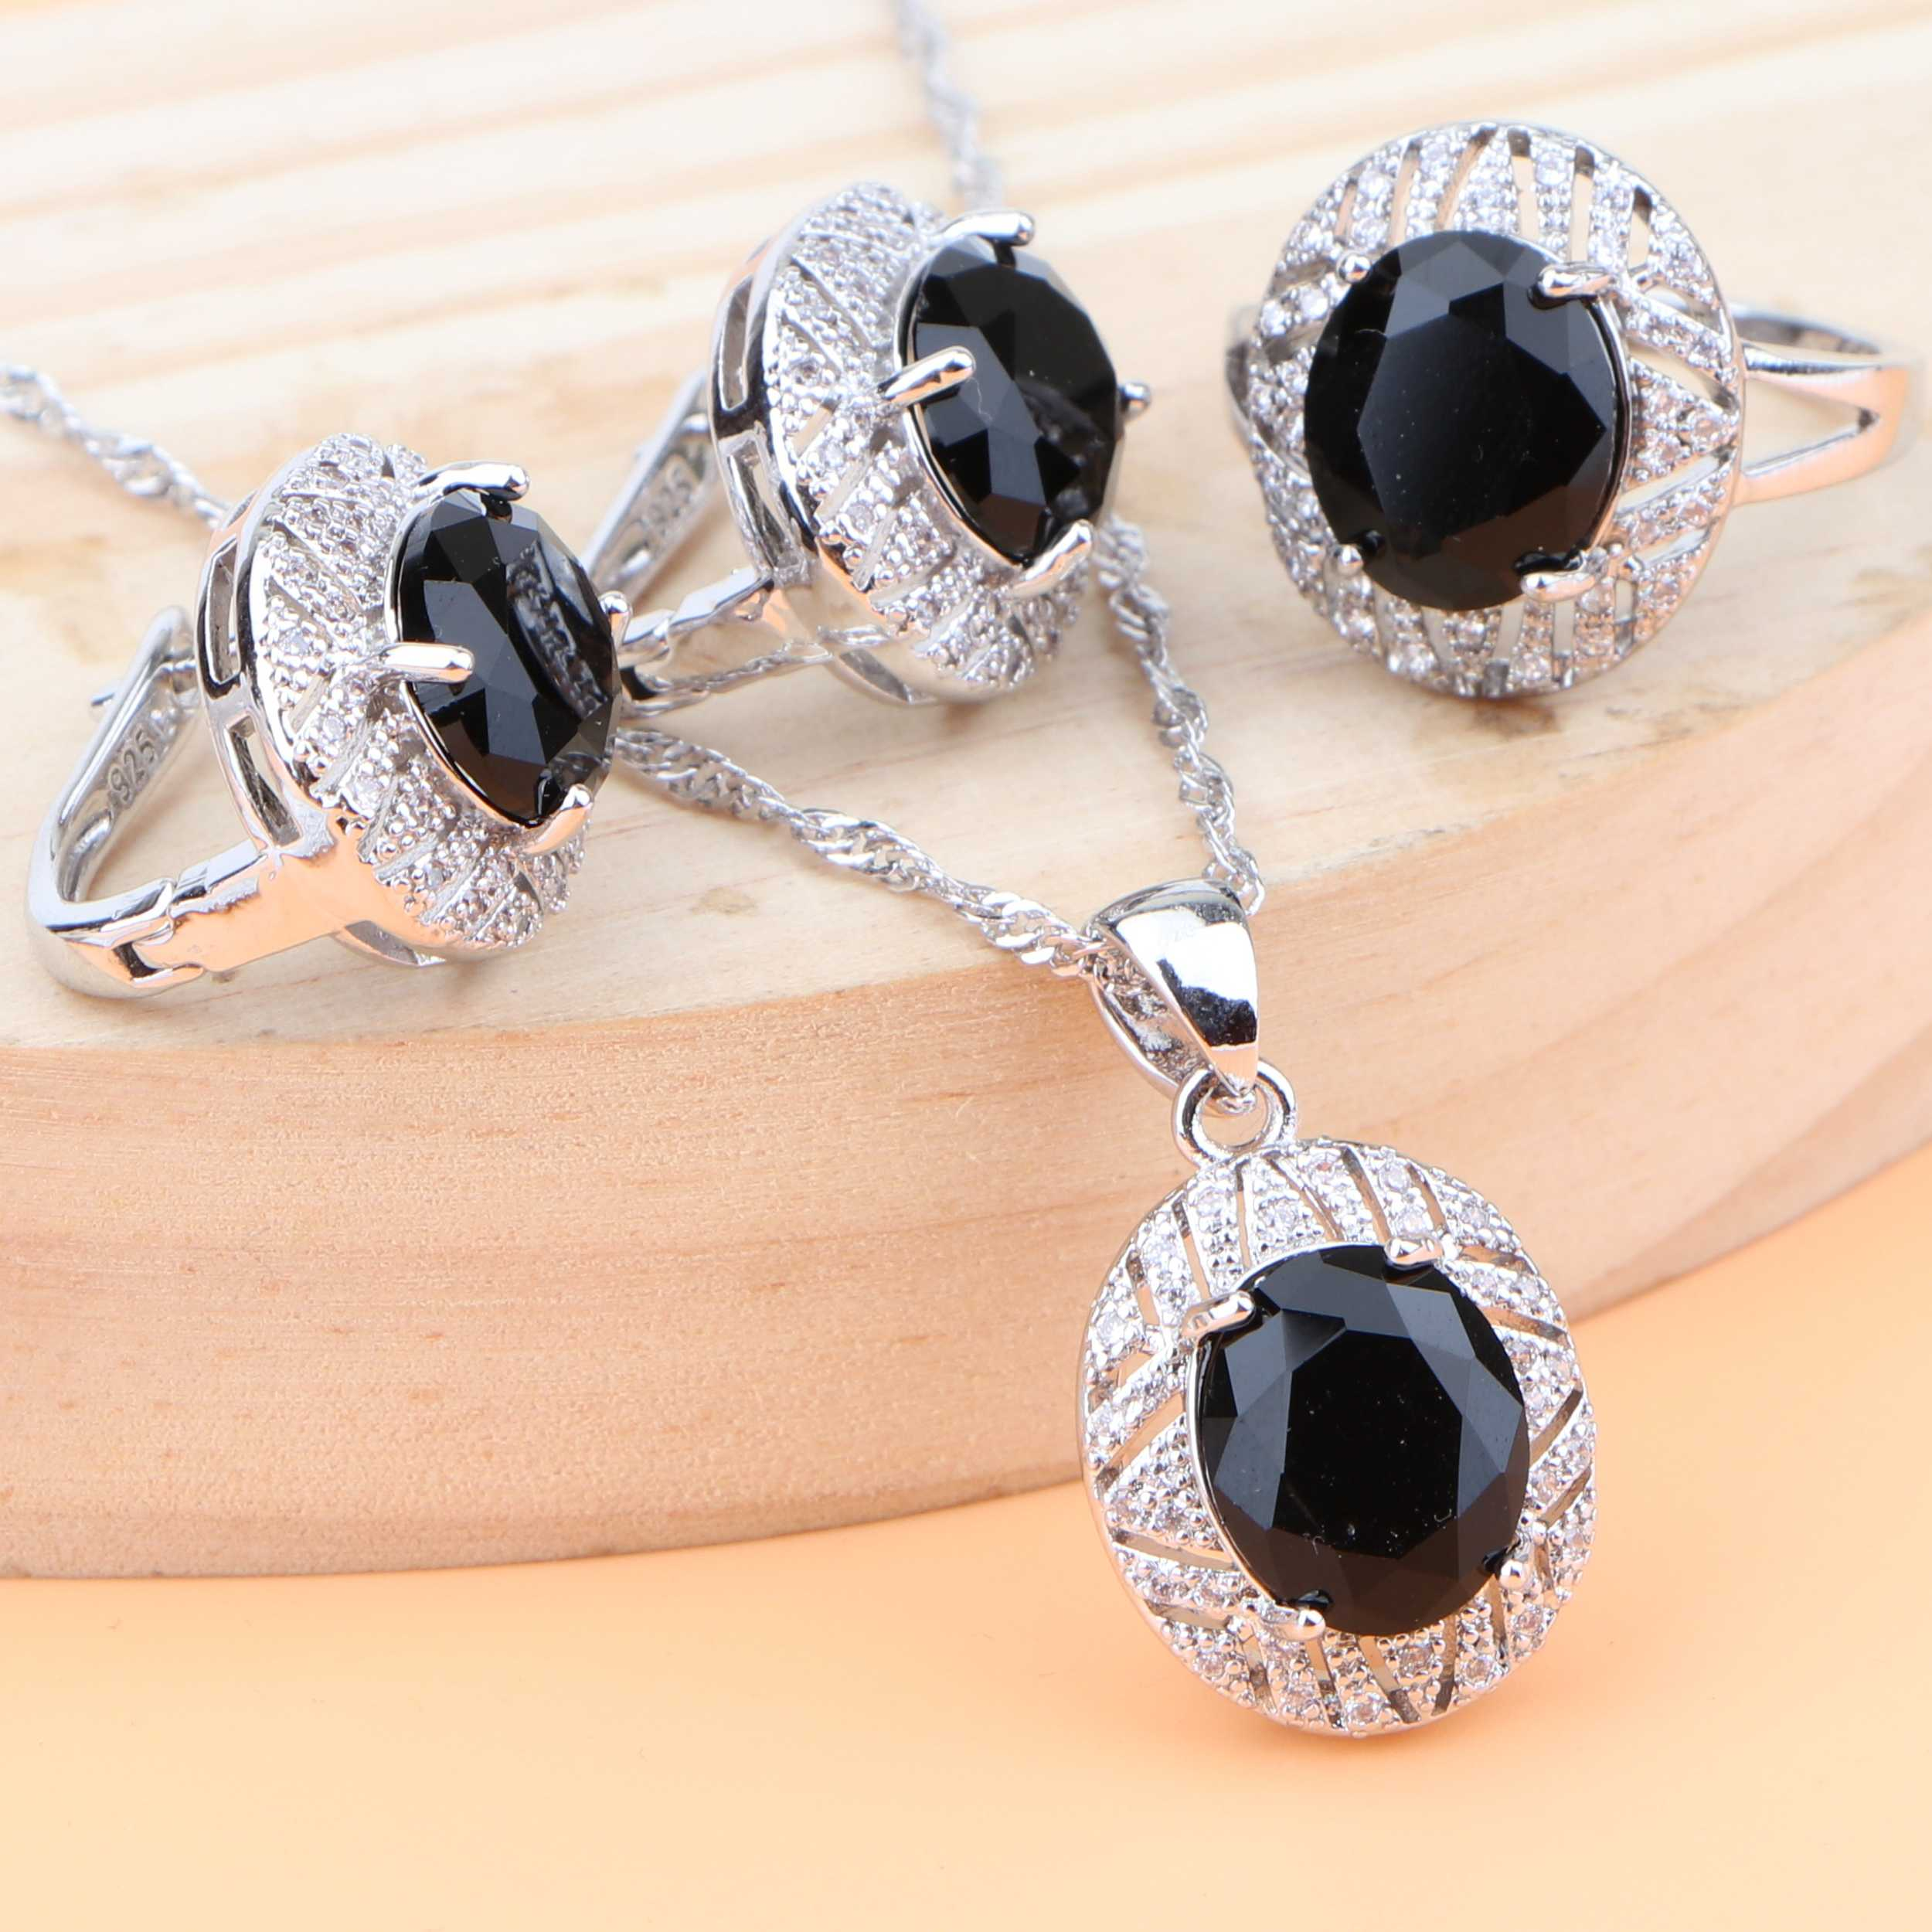 Hochzeit Silber 925 Schmuck Sets Für Frauen Schwarz Zirkonia Ohrringe Kostüm Braut Schmuck Halskette Set Ring Geschenk Box